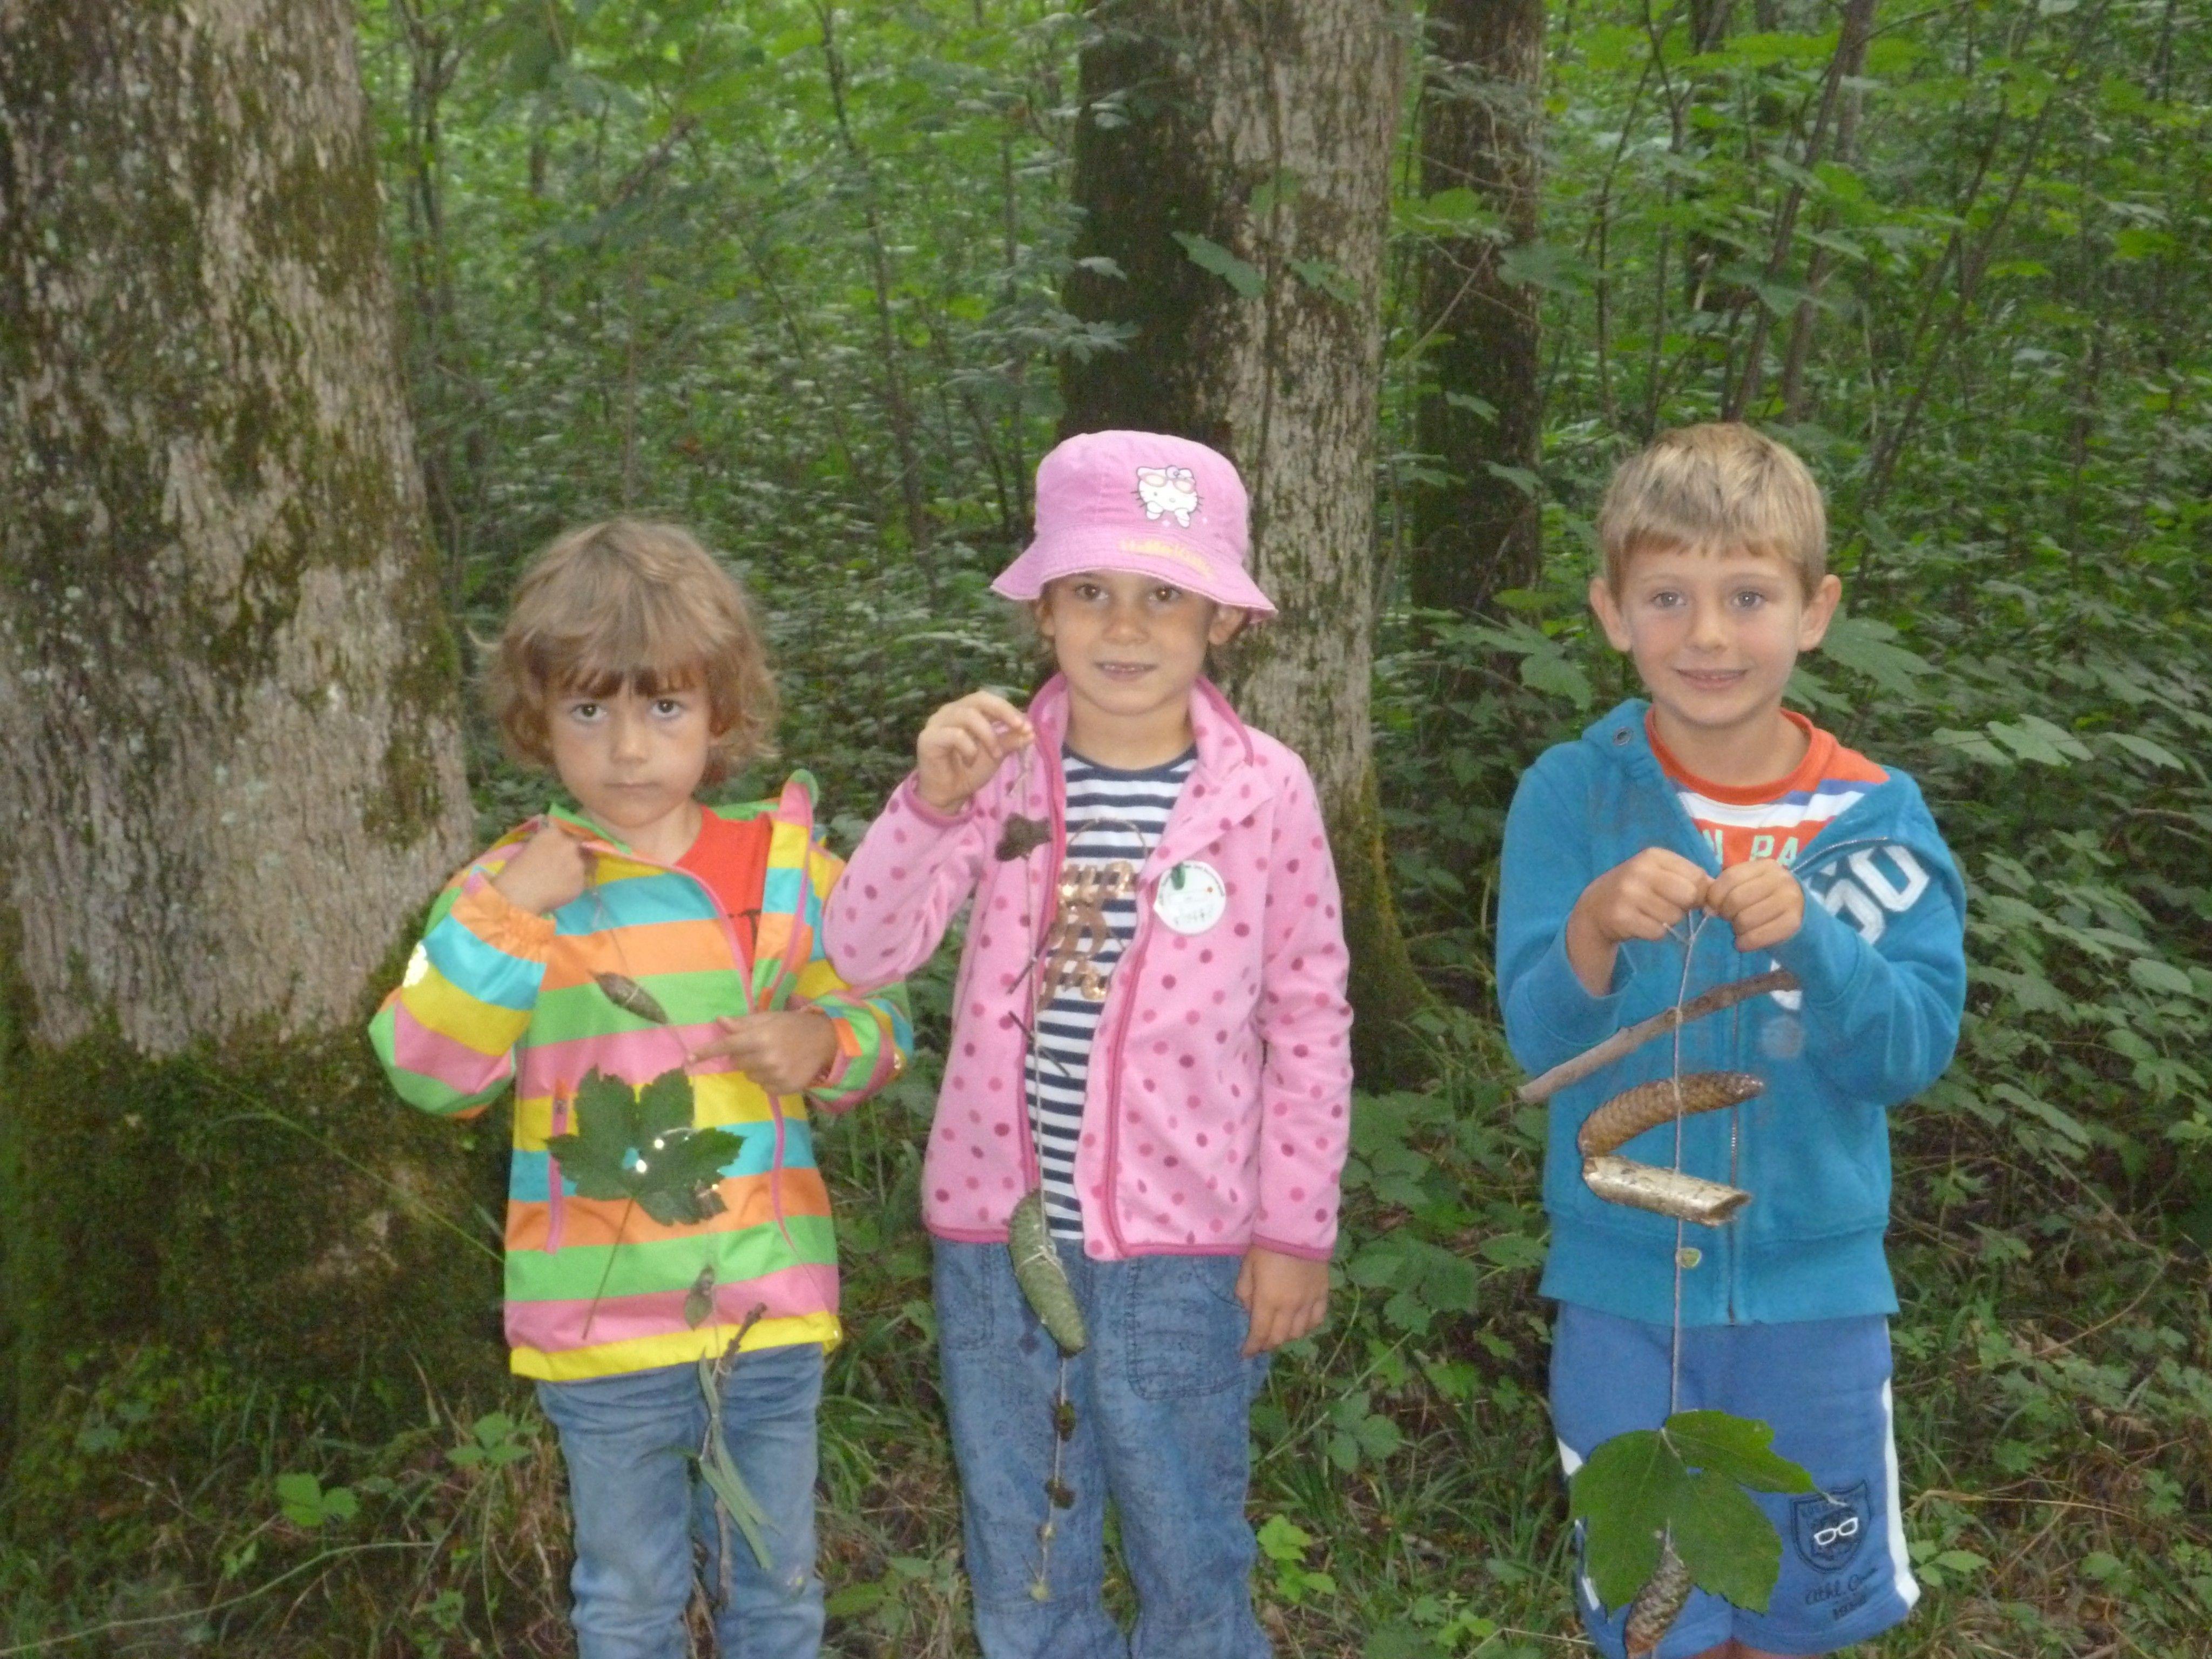 Spaß und Spannung sind beim Sommerfitnessprogramm in der Natur mit den ELKI´s garantiert.